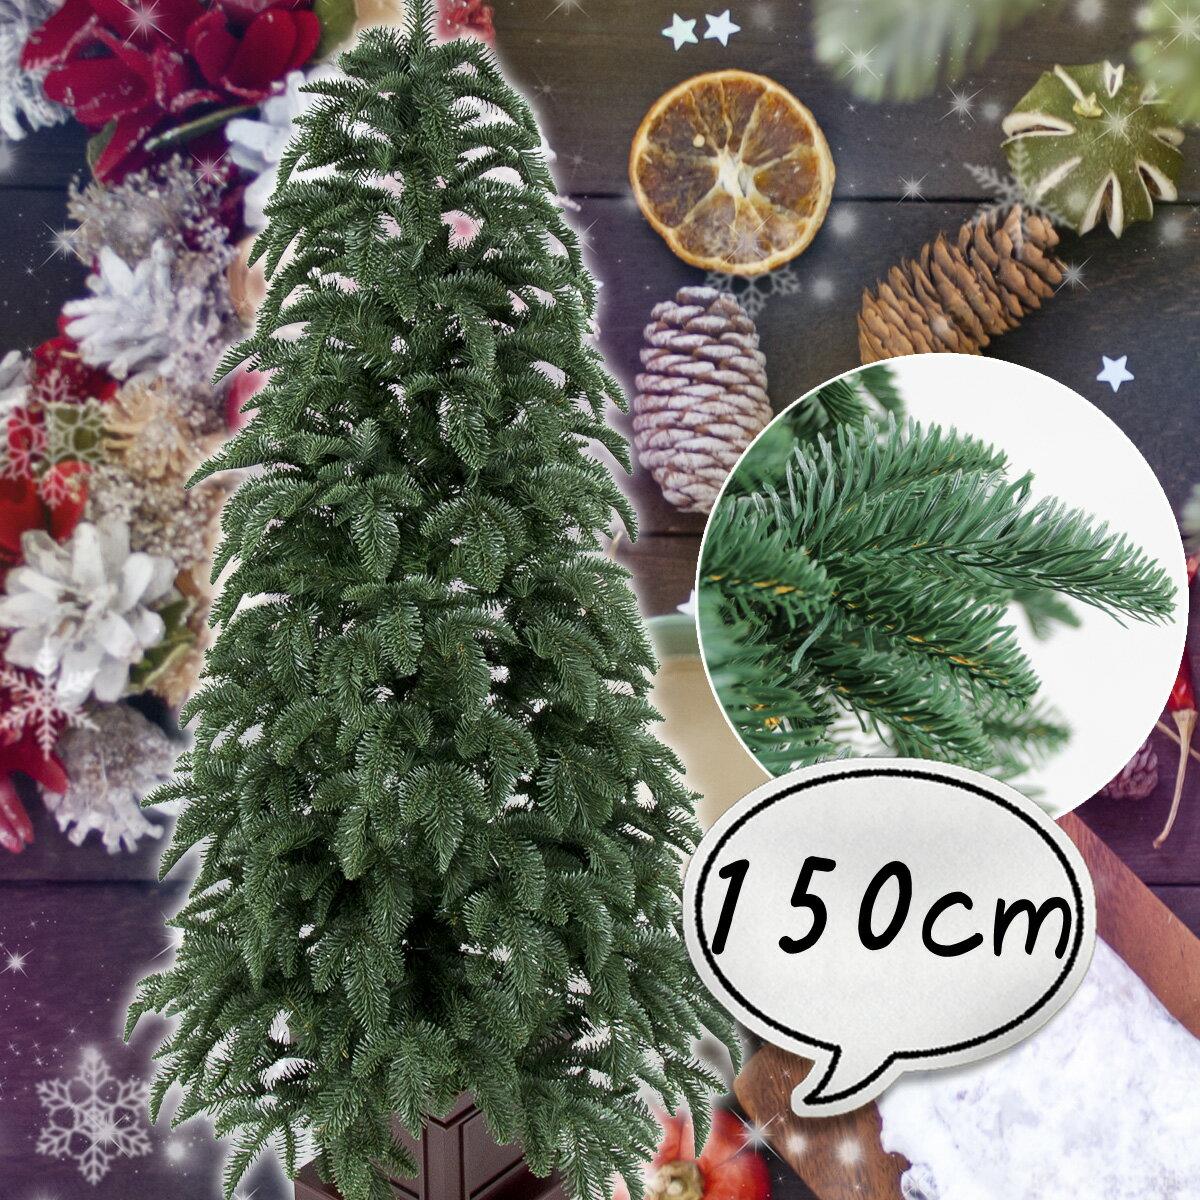 クリスマスツリー 150cm リアルスプルースツリー 木製ポット グリーン PEツリー 木 [ ヌードツリー ]【xjbc】【RCP】